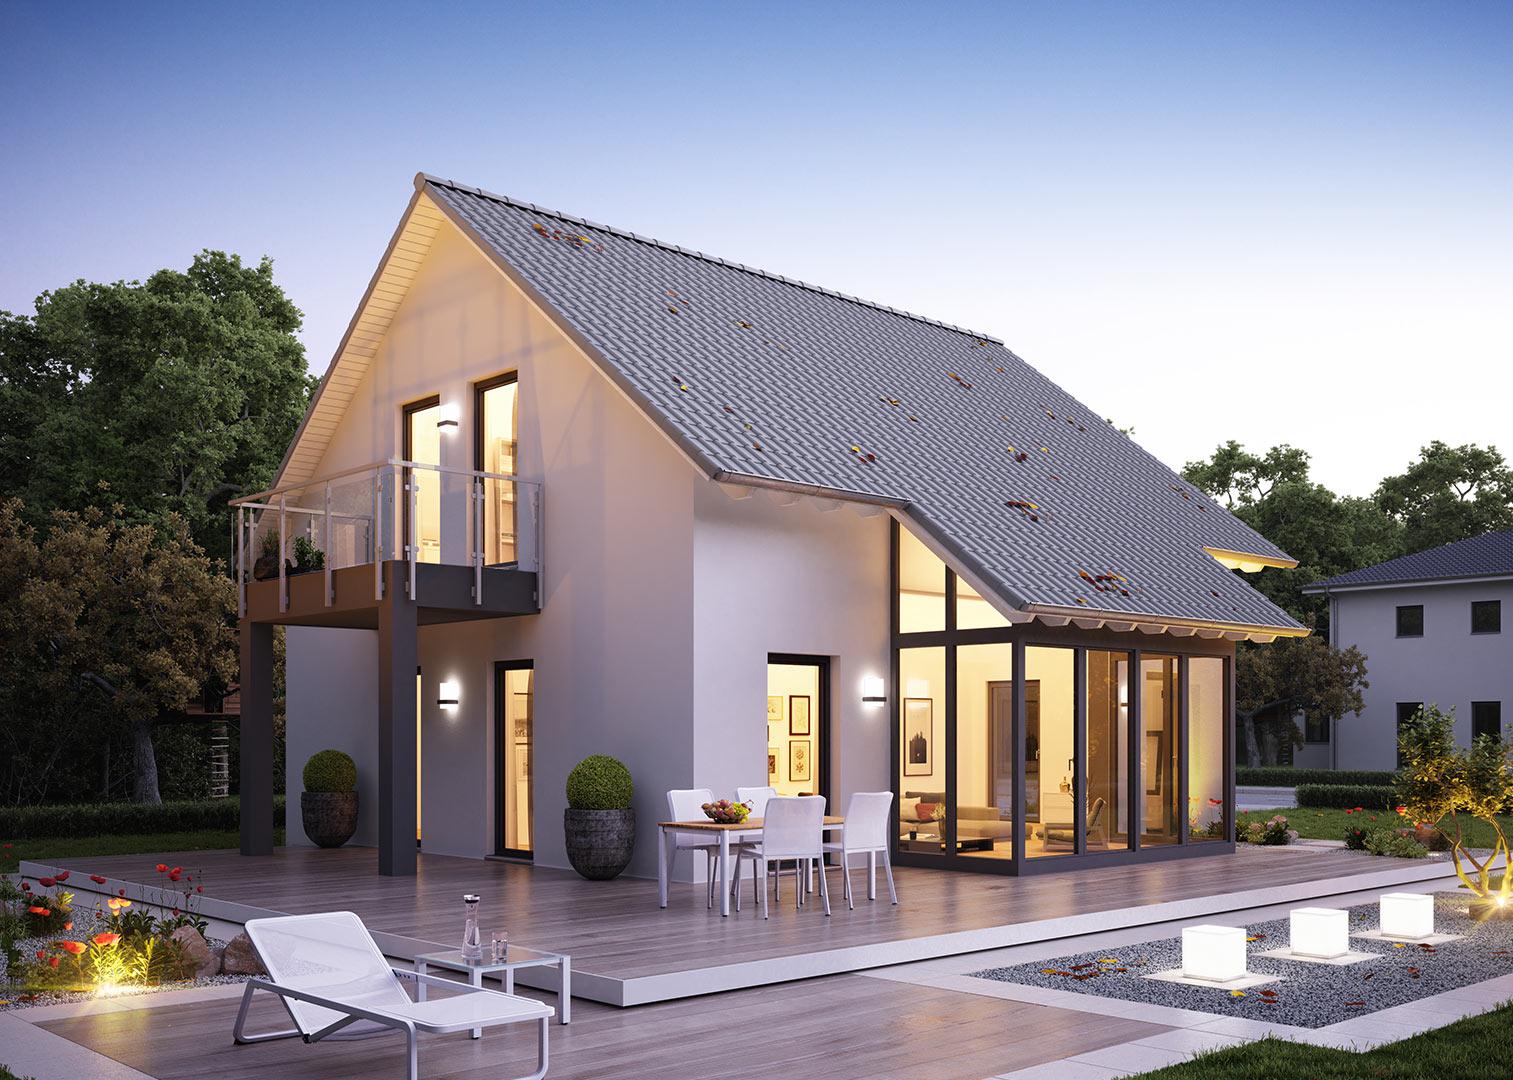 massa-einfamilienhaus-lifestyle-14-04-s-bild-5